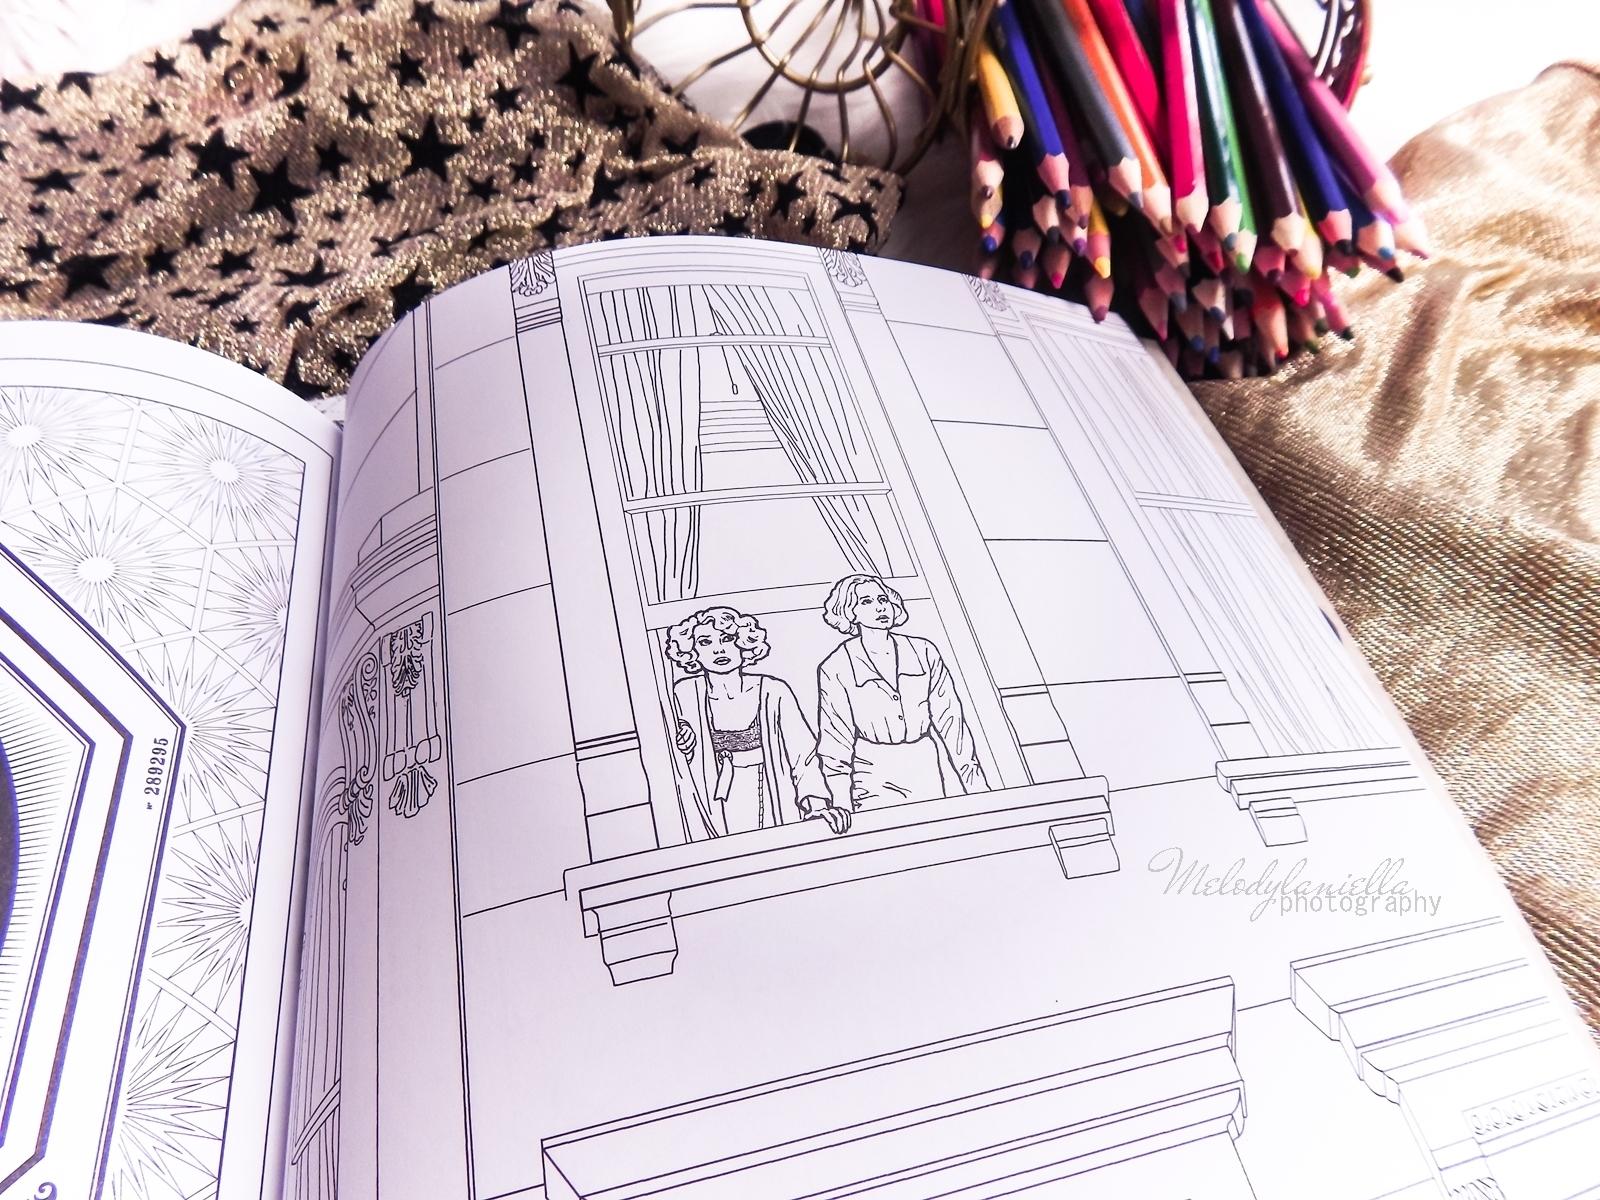 18  Konkurs ! Do wygrania 6 kolorowanek Fantastyczne zwierzęta i jak je znaleźć Magiczne zwierzęta kolorowanka oraz Magiczne miejsca i postacie kolorowanka. HarperCollins. Melodylaniella harry potter